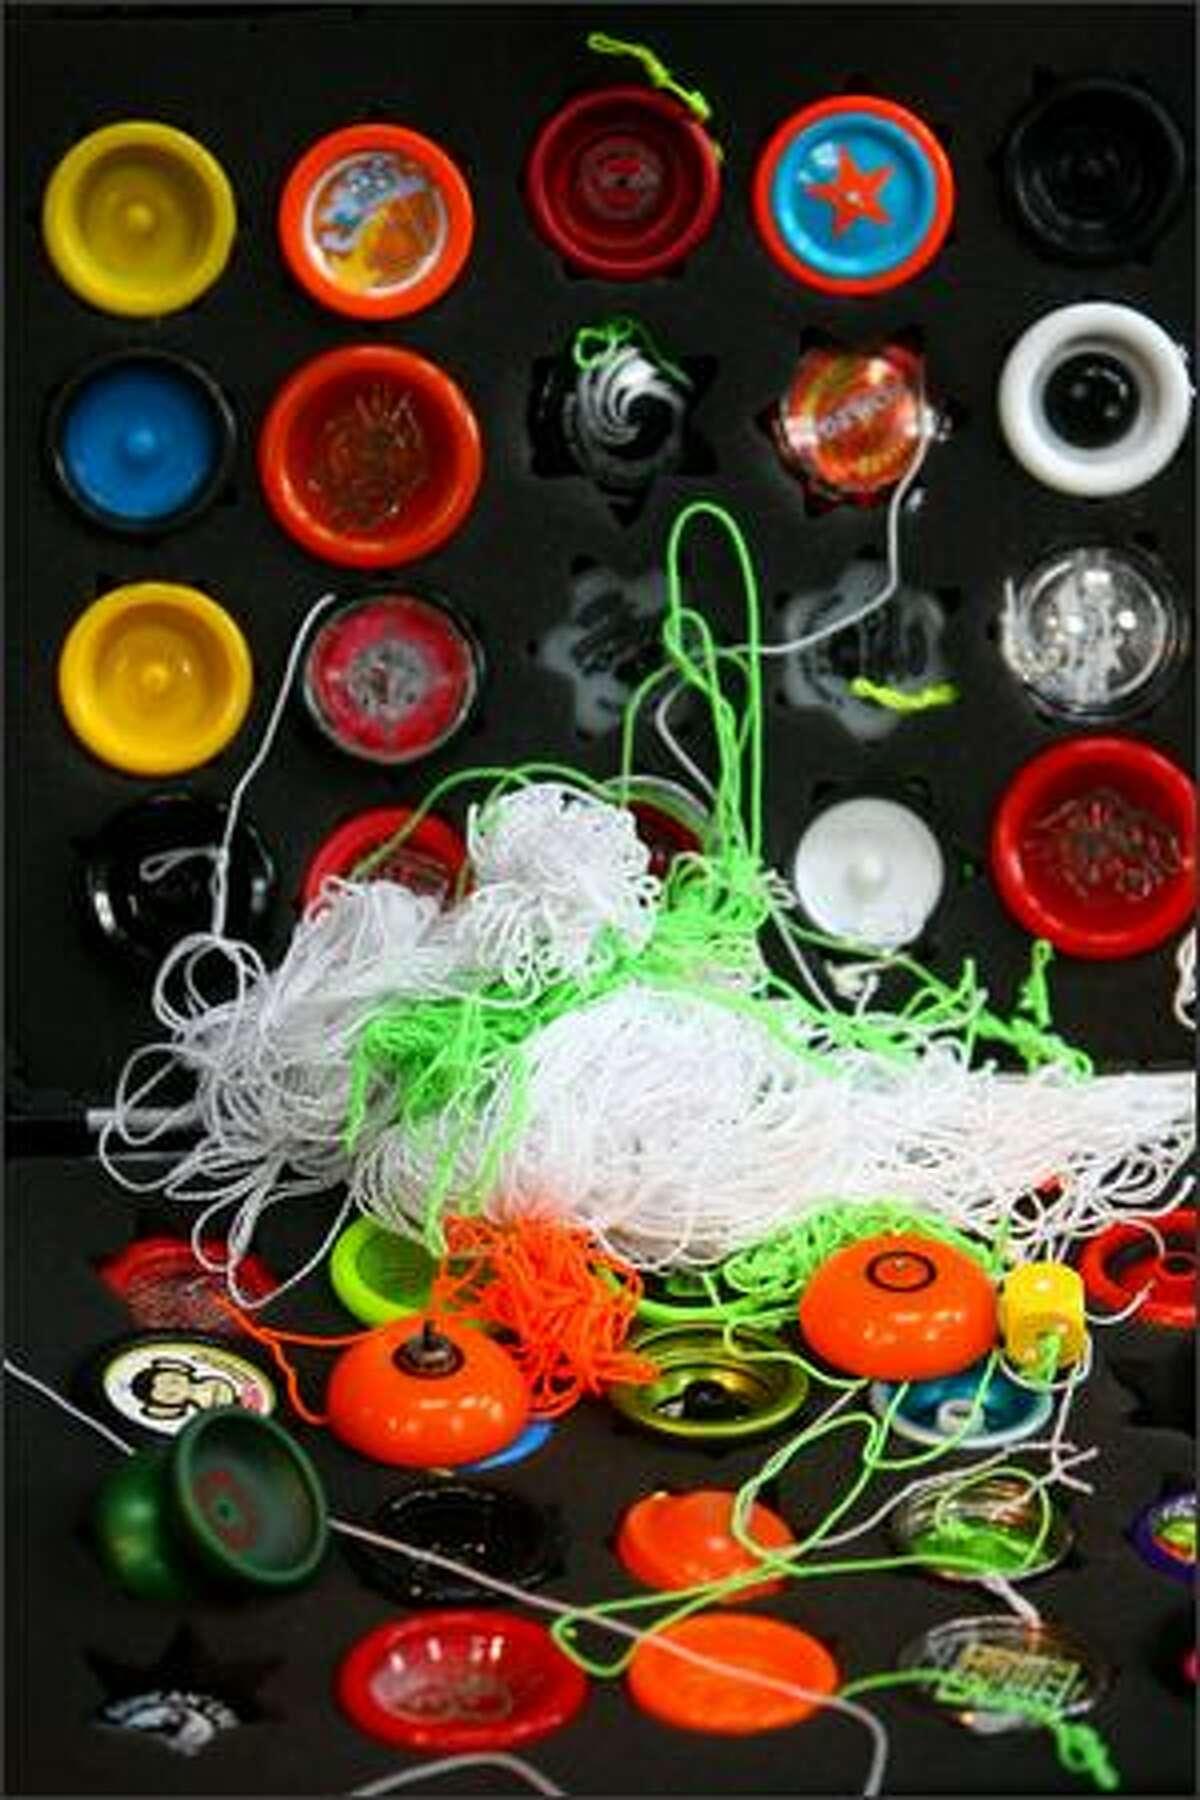 A competitor's yo-yo case is shown.